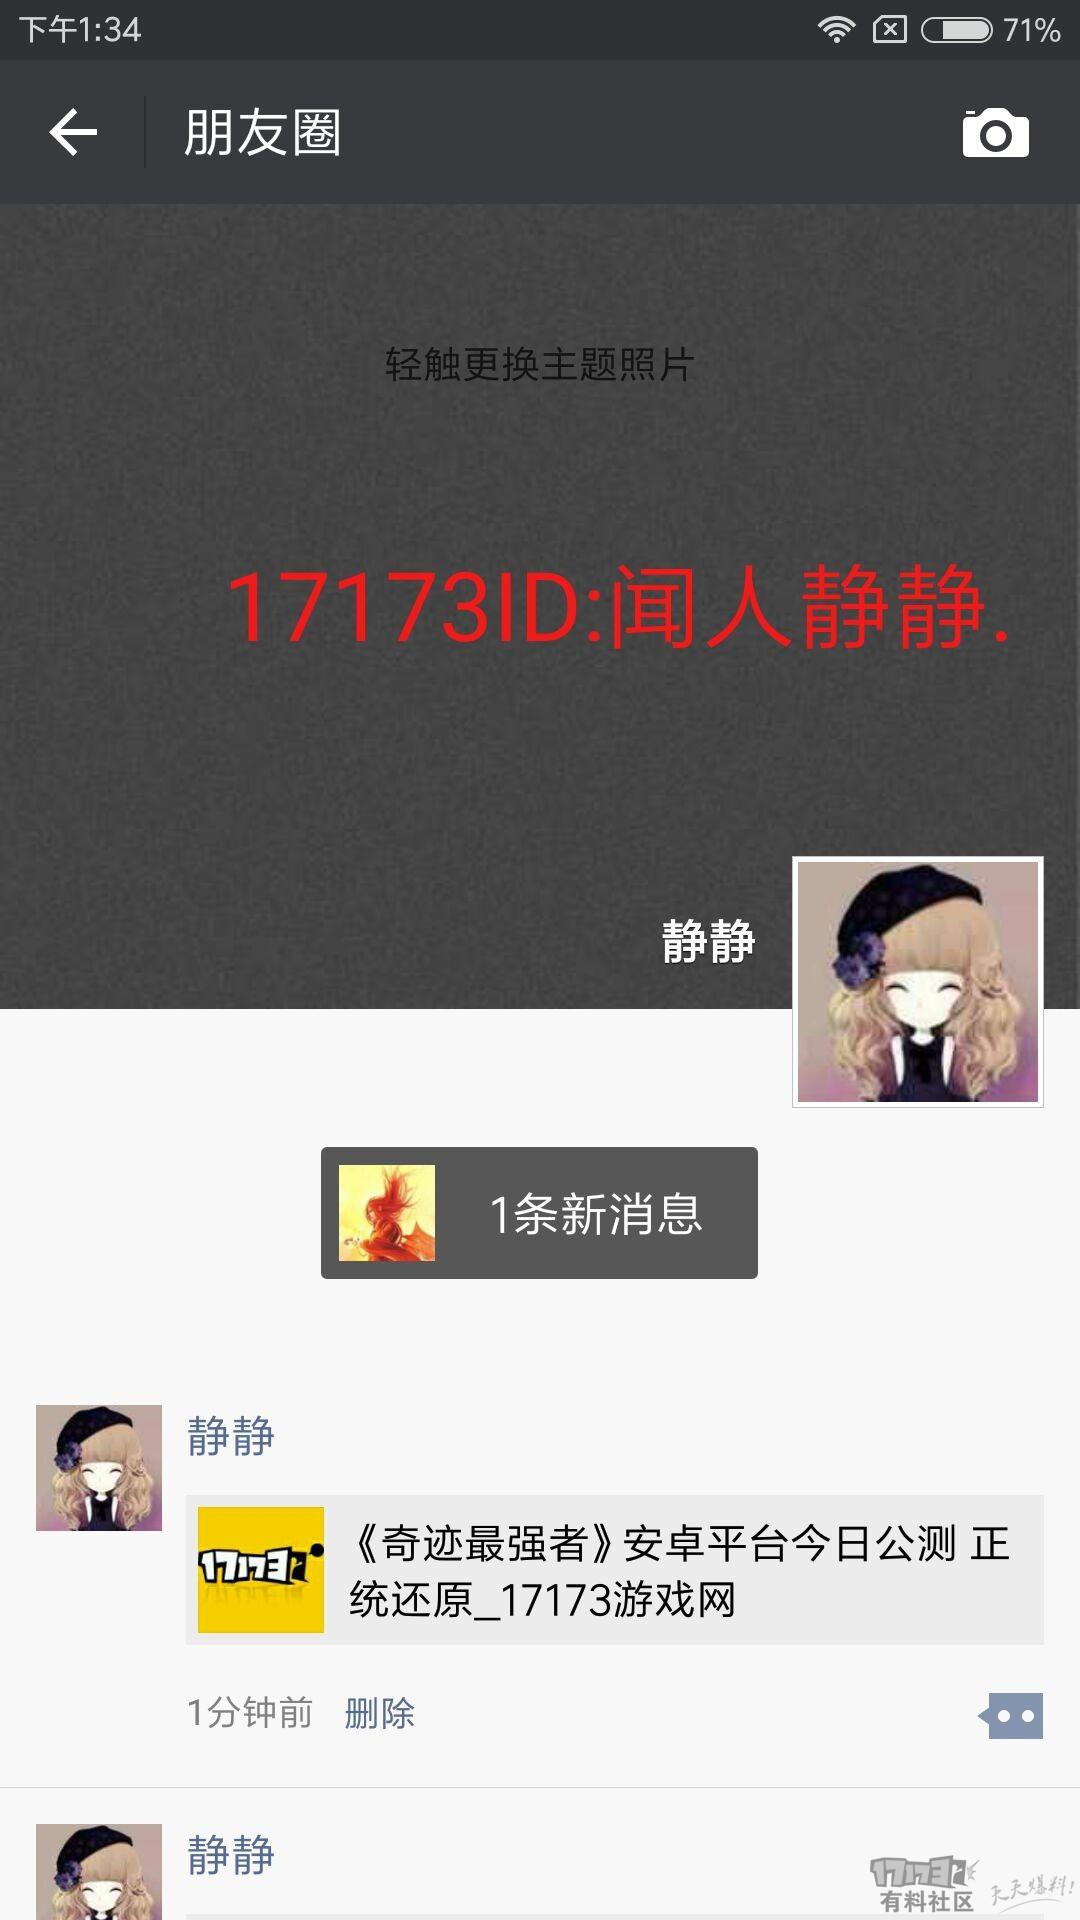 qq_pic_merged_1512624929411.jpg